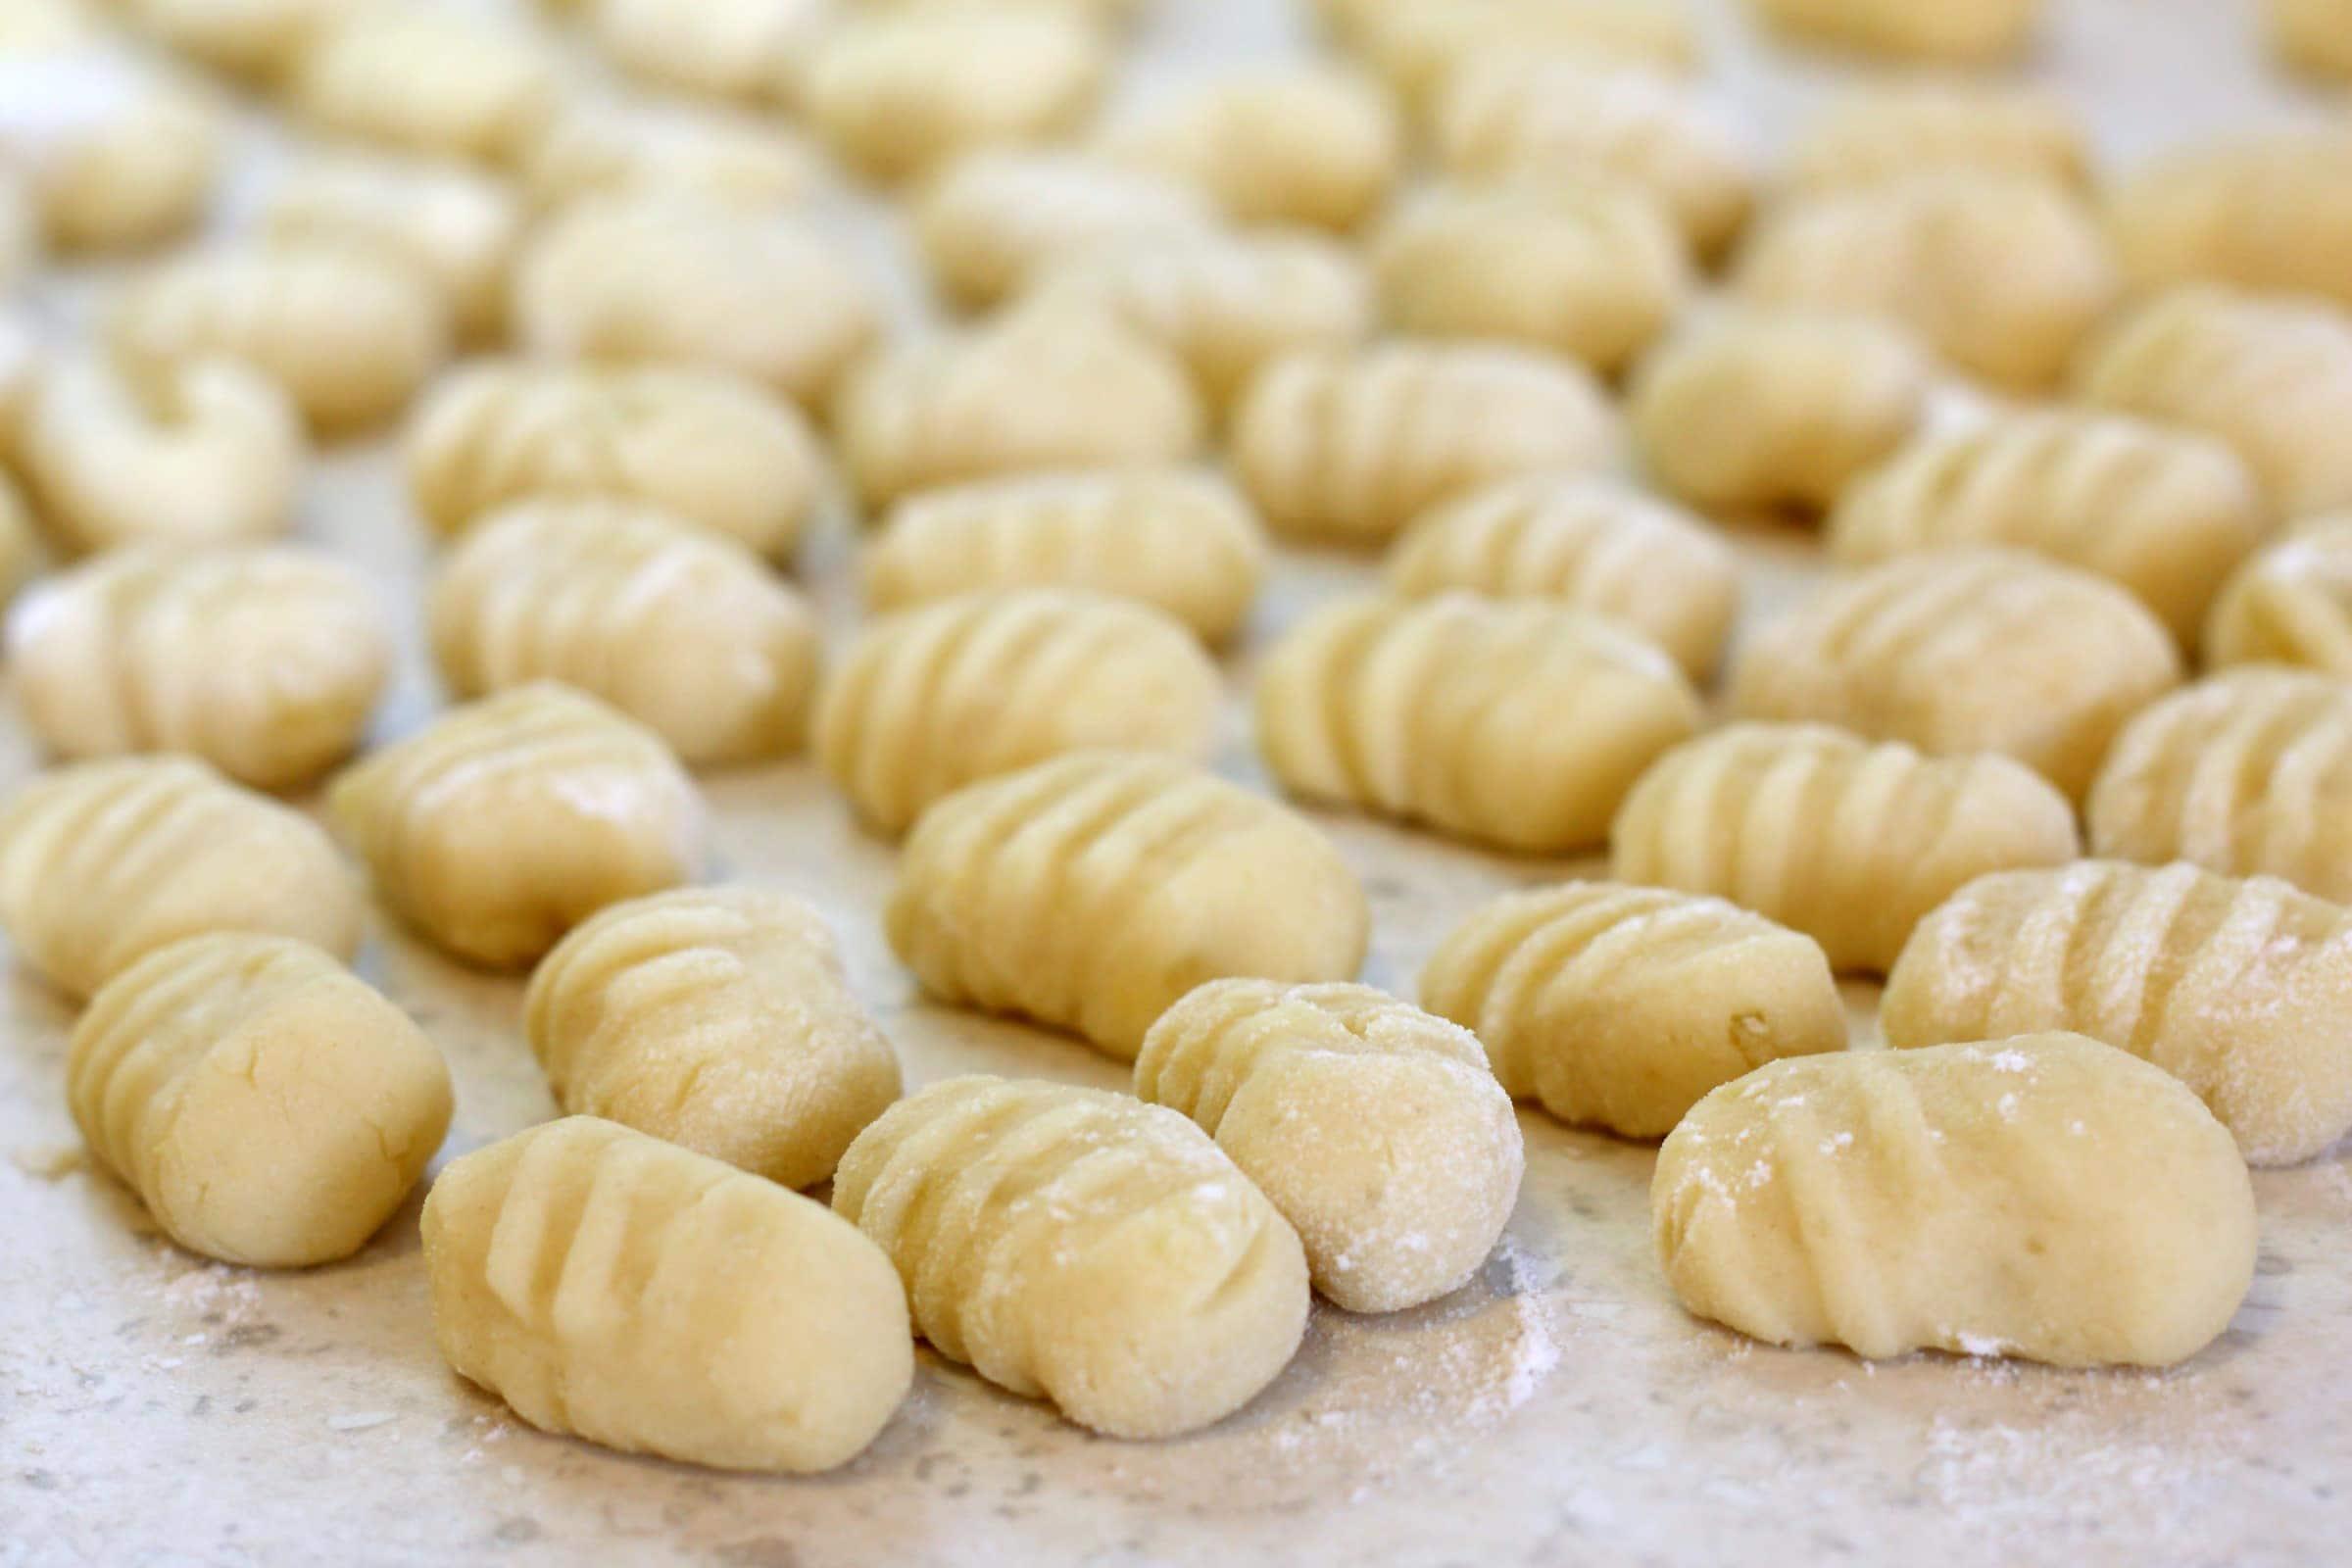 Ricetta Di Gnocchi Senza Glutine.Ricetta Gnocchi Di Patate Senza Glutine Il Club Delle Ricette